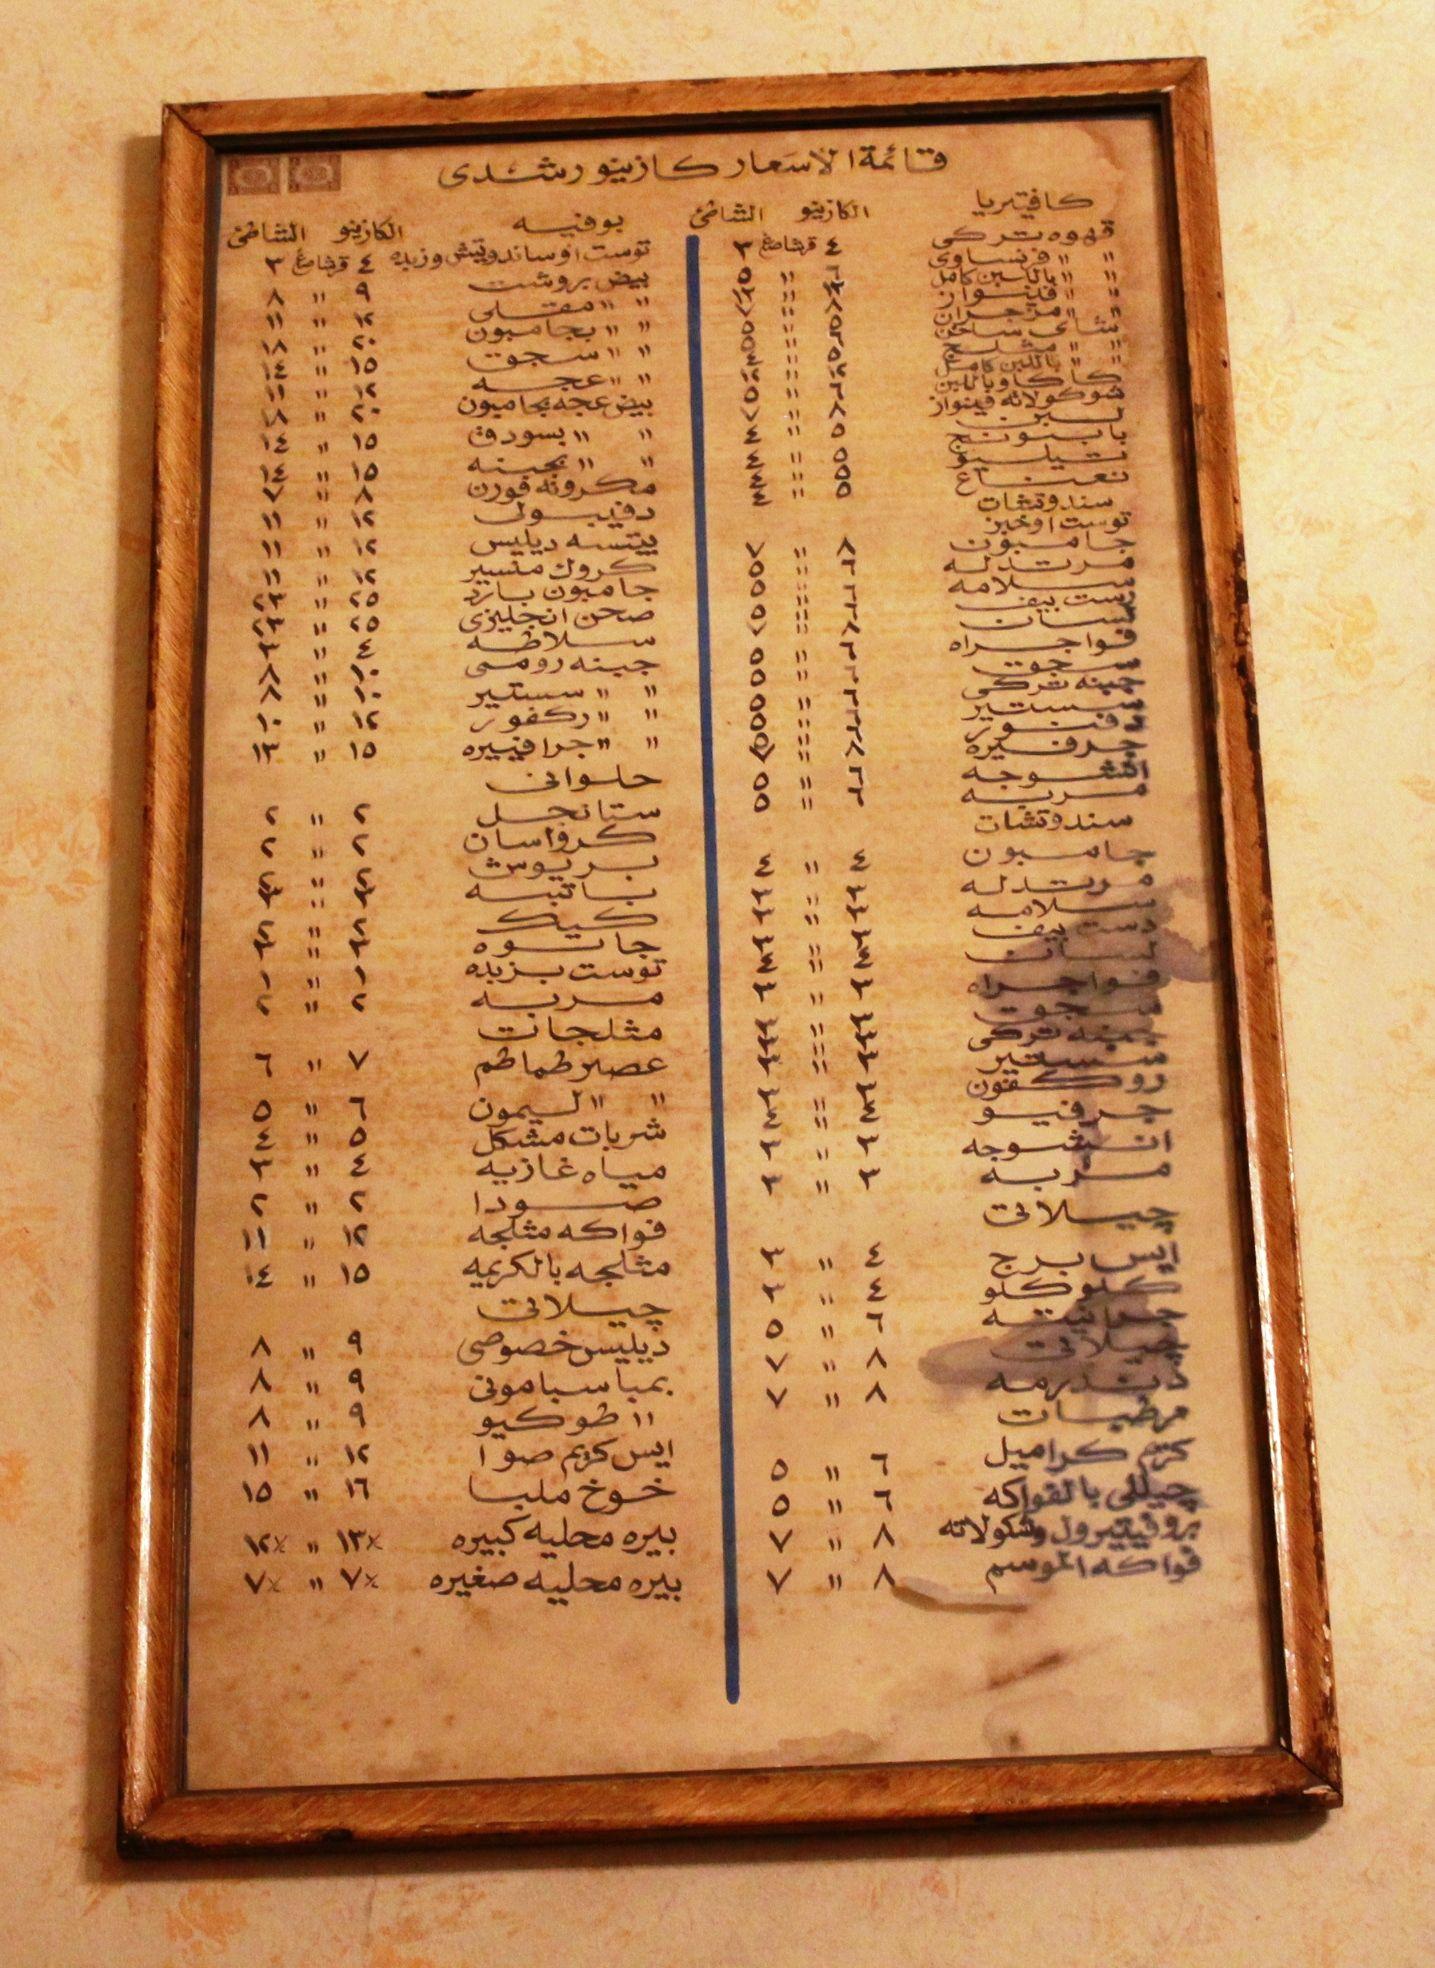 قائمة اسعار حلوانى ديليس الاسكندرية منذسنوات طوال تصويرى Sheet Music History Sheet